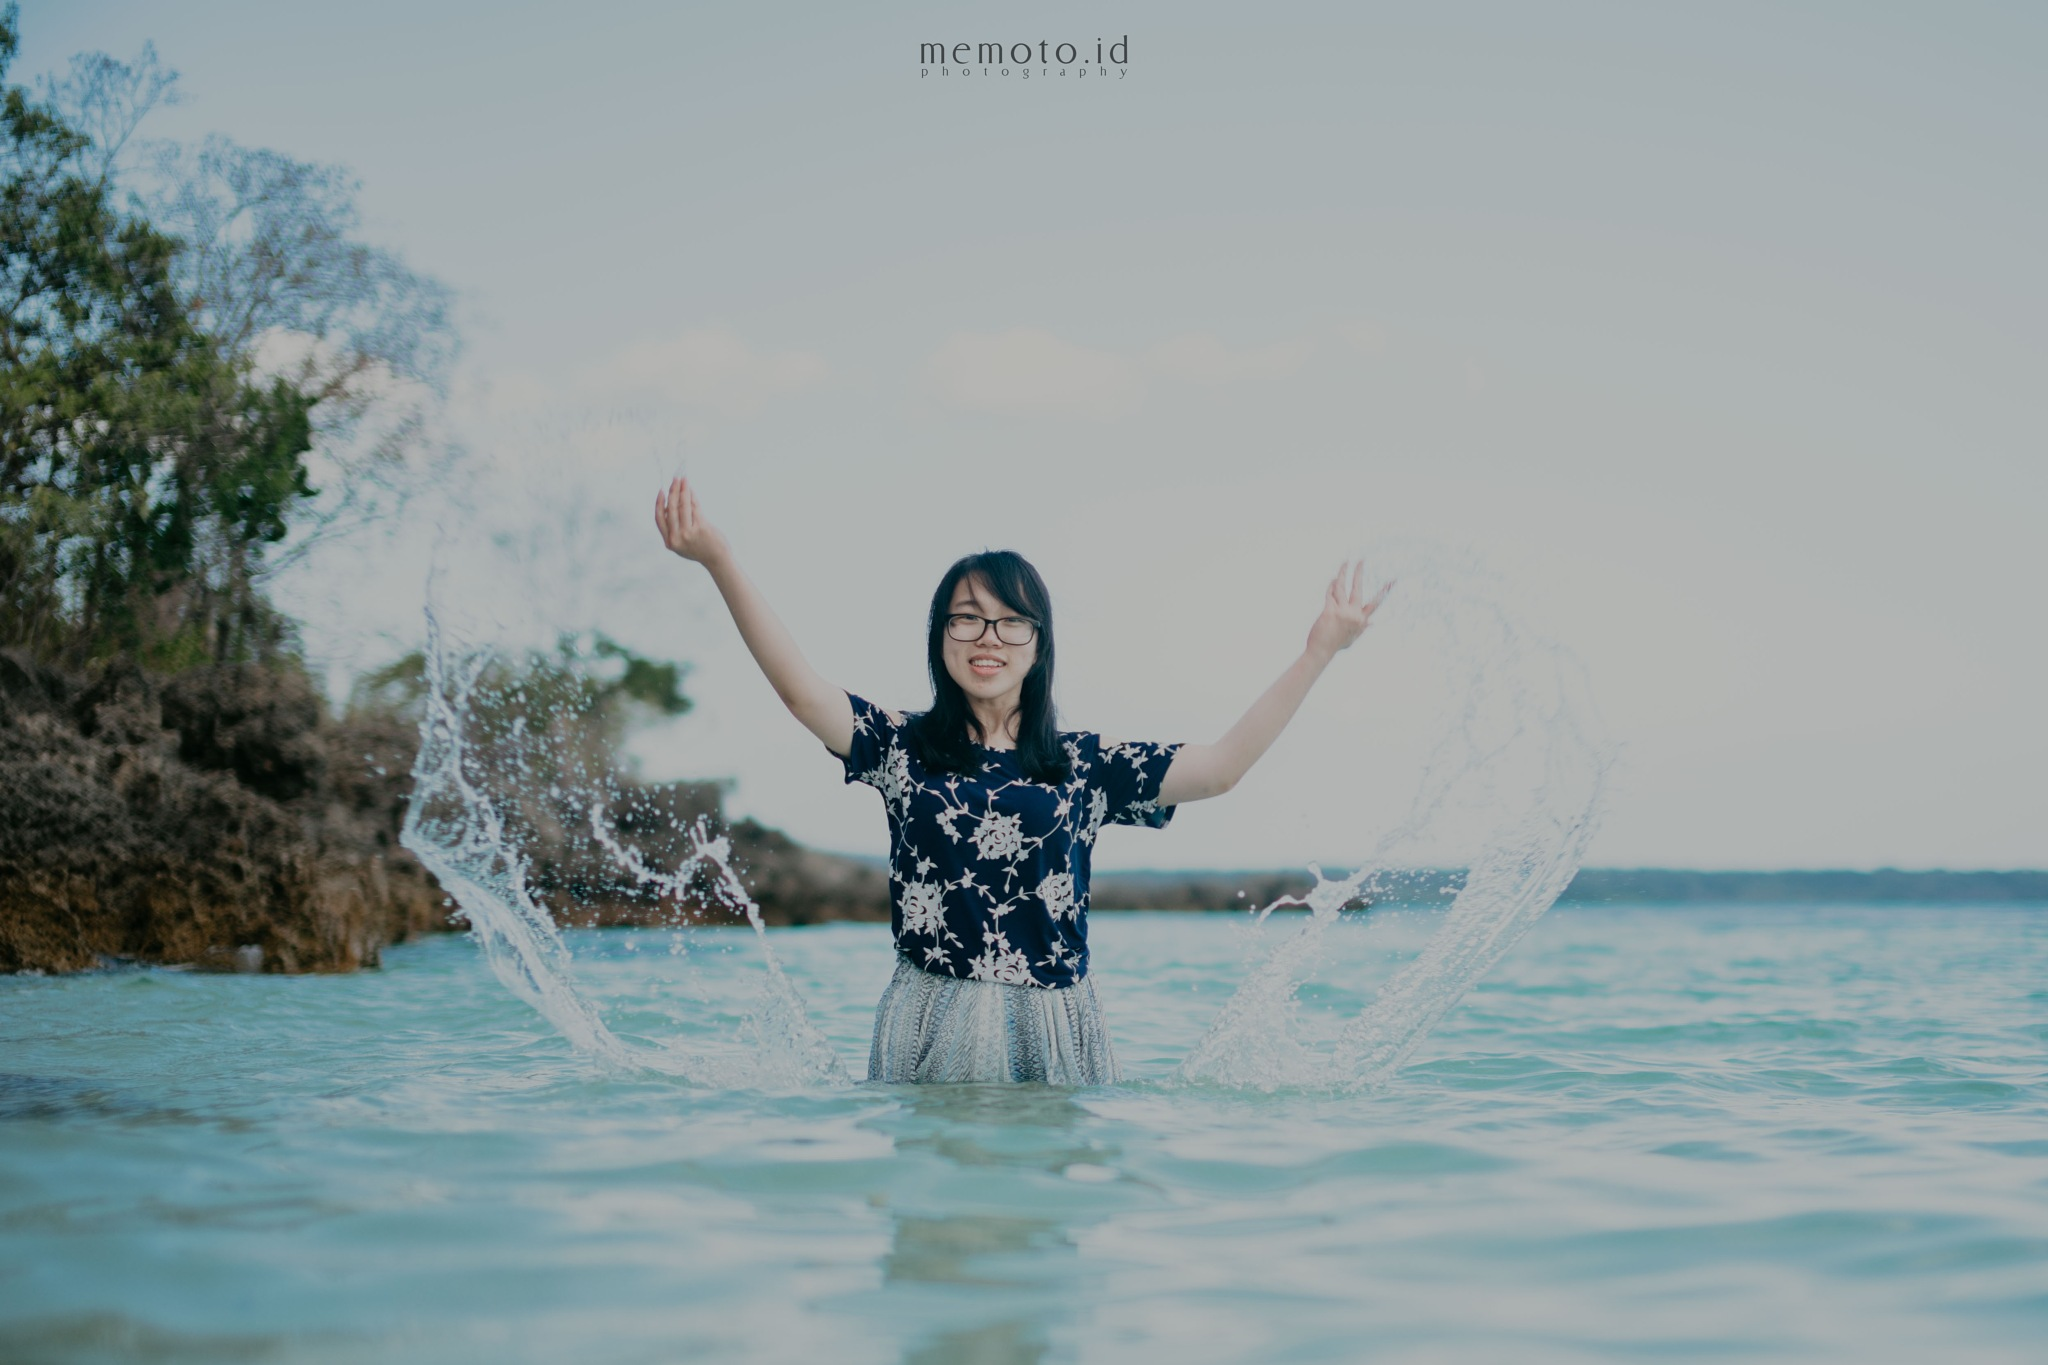 lk_002 by ferandiputra